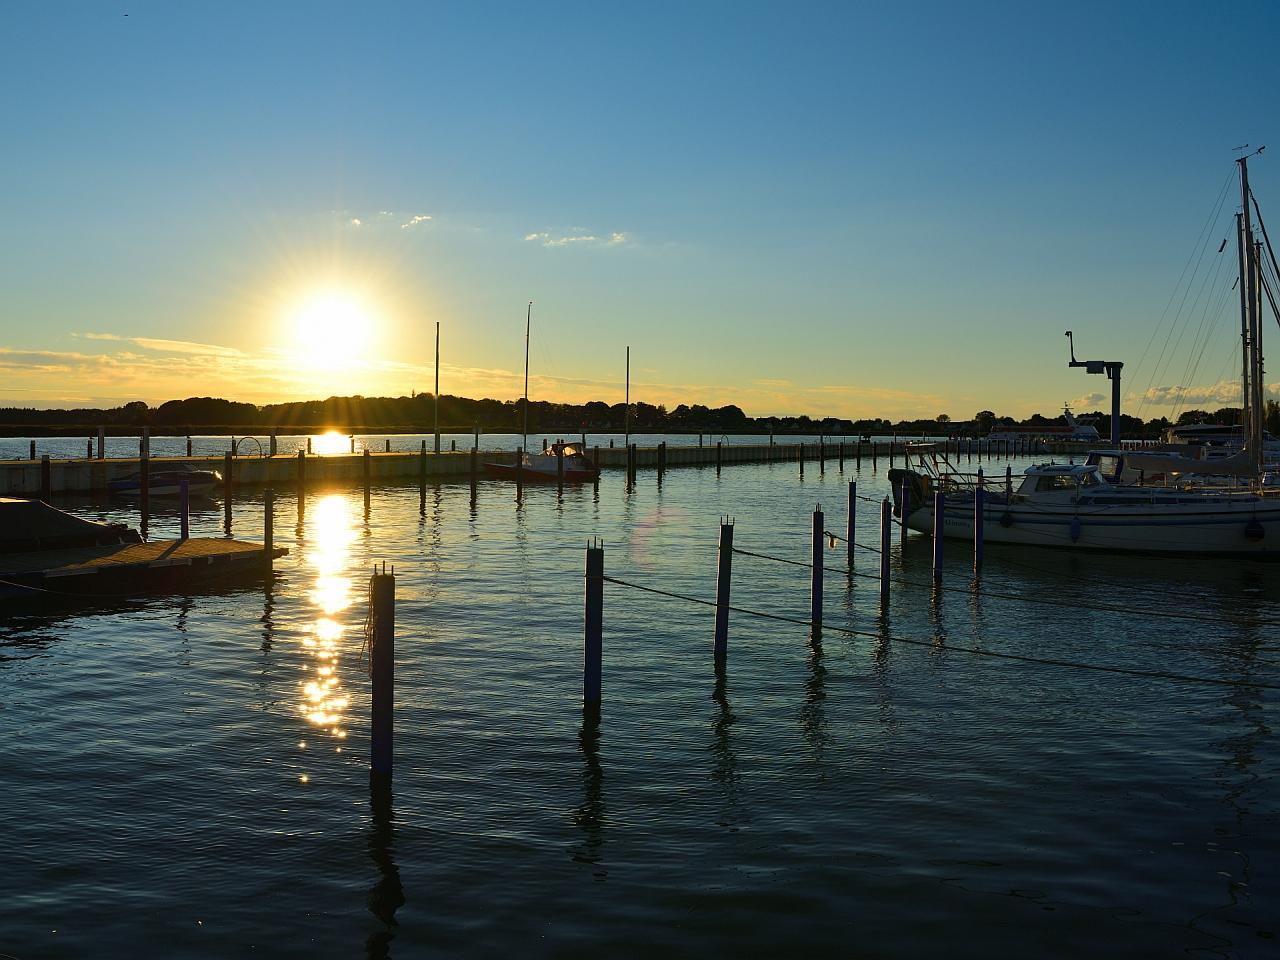 Sonnenuntergang, Sunset,   puesta de sol, Achterwasser, Usedom 1